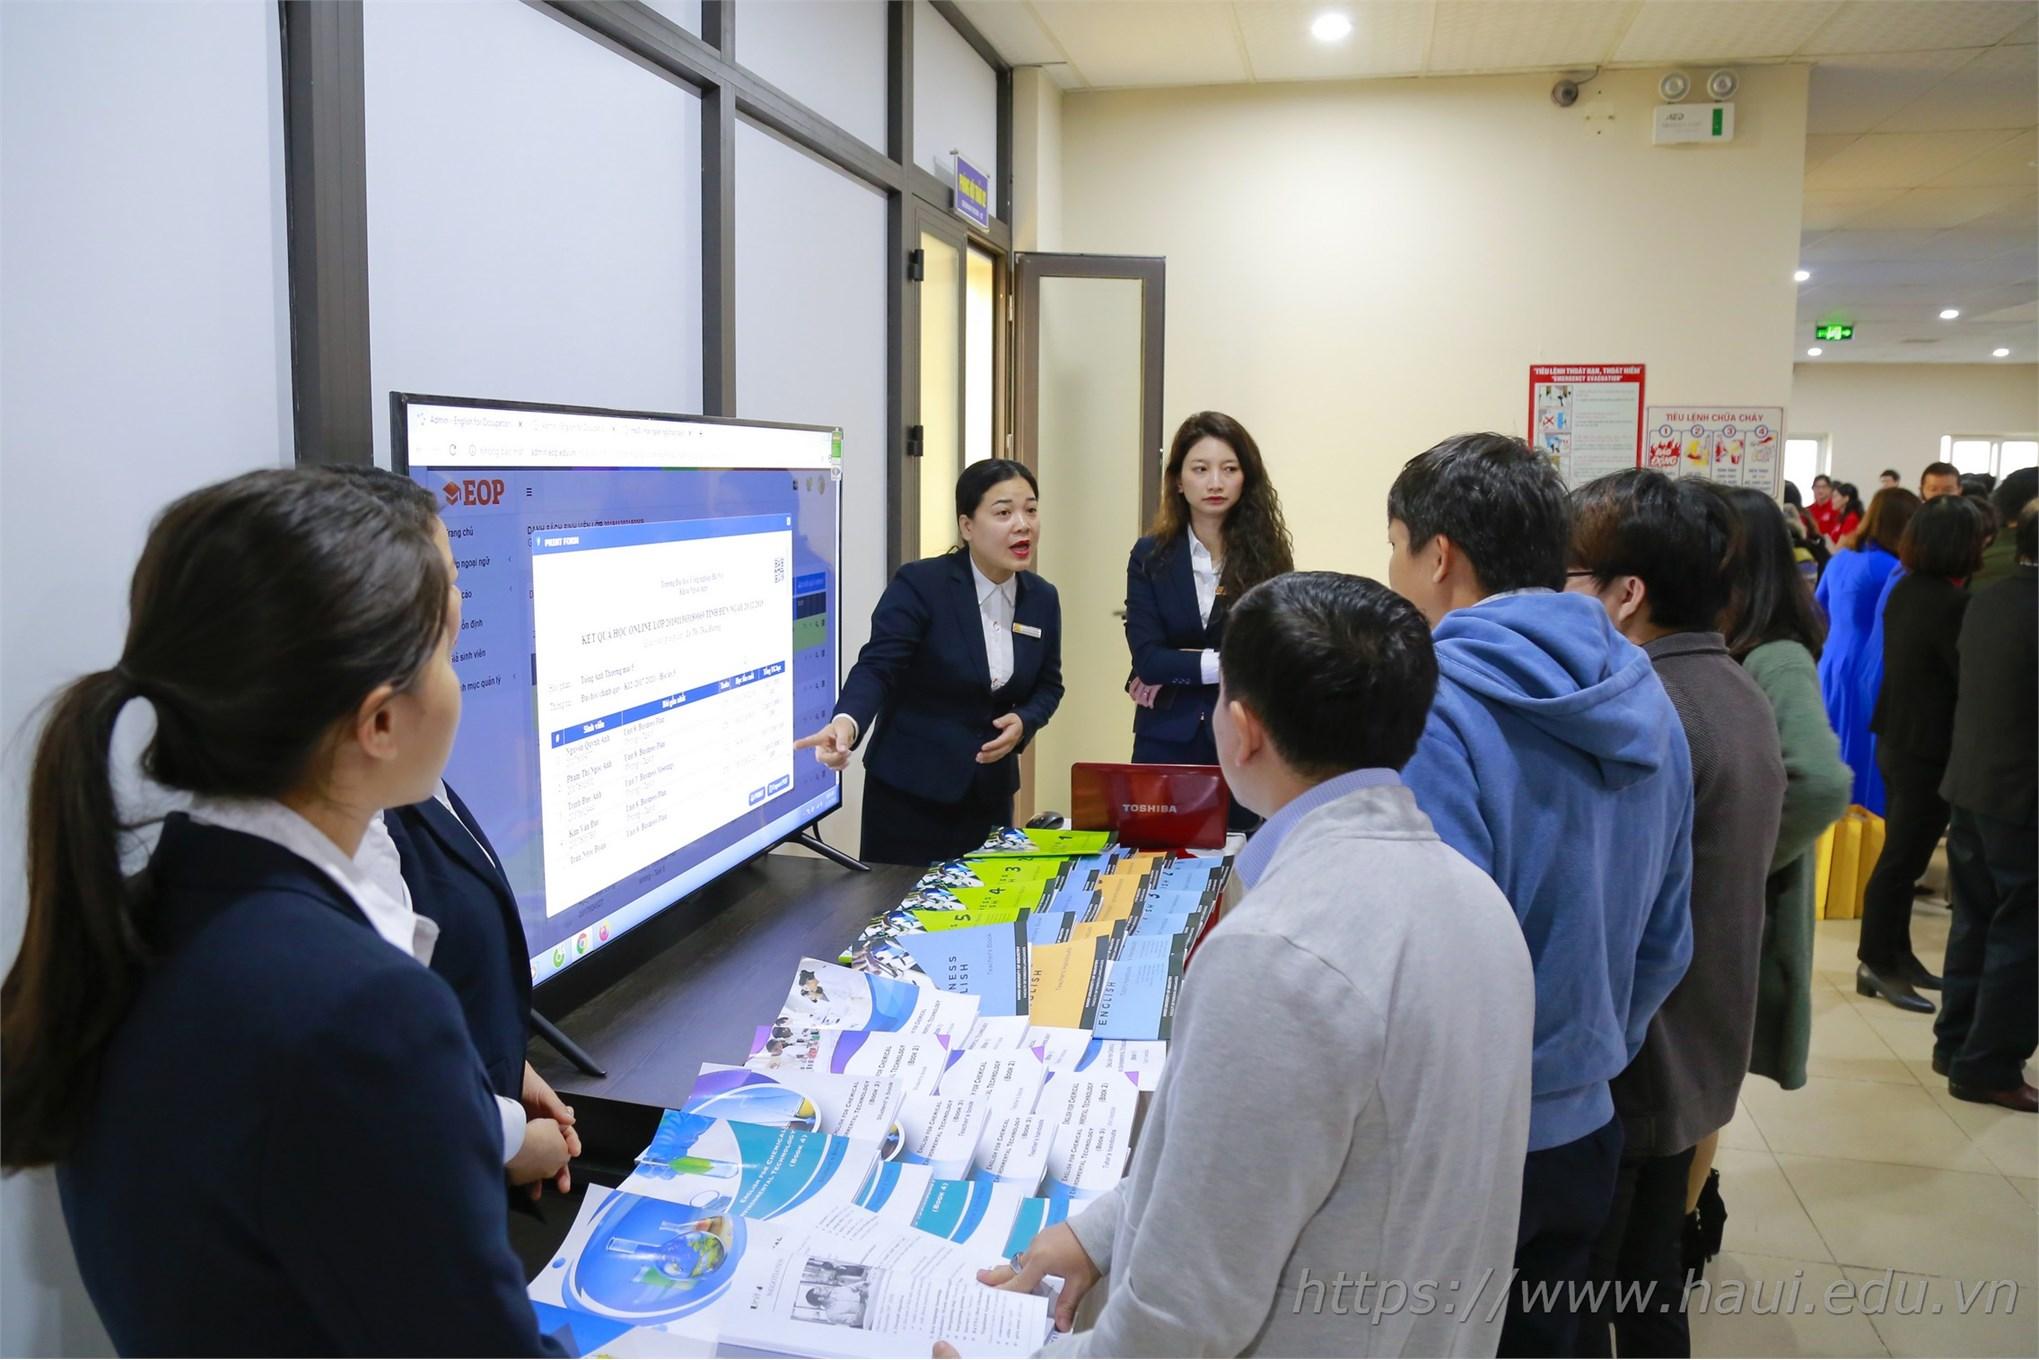 Đại học Công nghiệp Hà Nội chuyển giao chương trình đào tạo tiếng Anh nghề nghiệp cho 27 trường đại học, cao đẳng